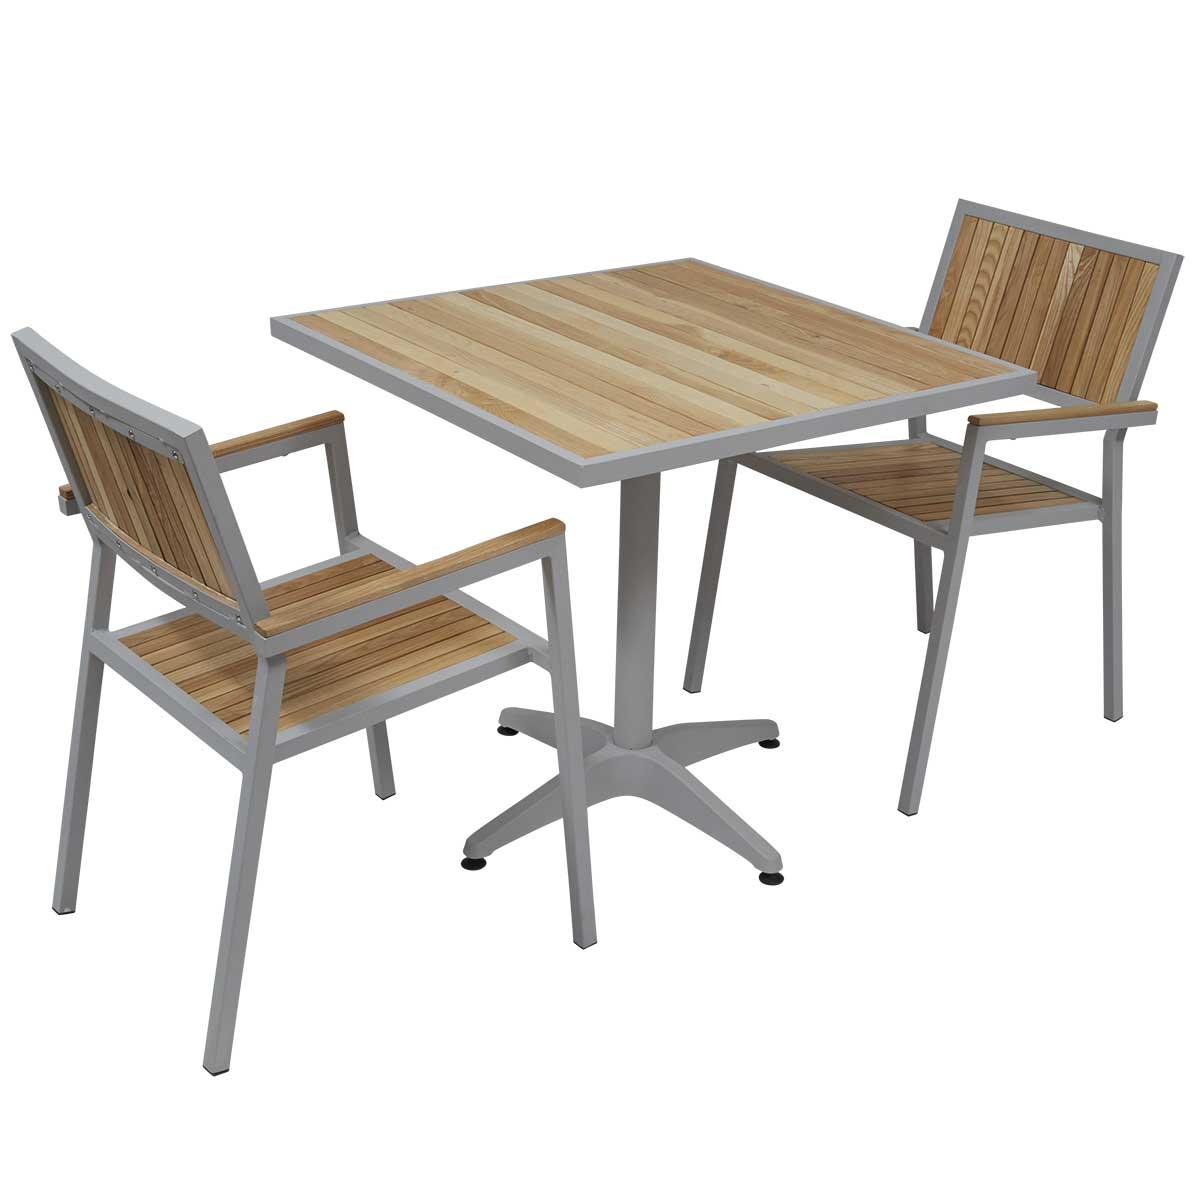 Table Chaise Jardin Pas Cher Frais Table Terrasse Pas Cher Of 25 Luxe Table Chaise Jardin Pas Cher